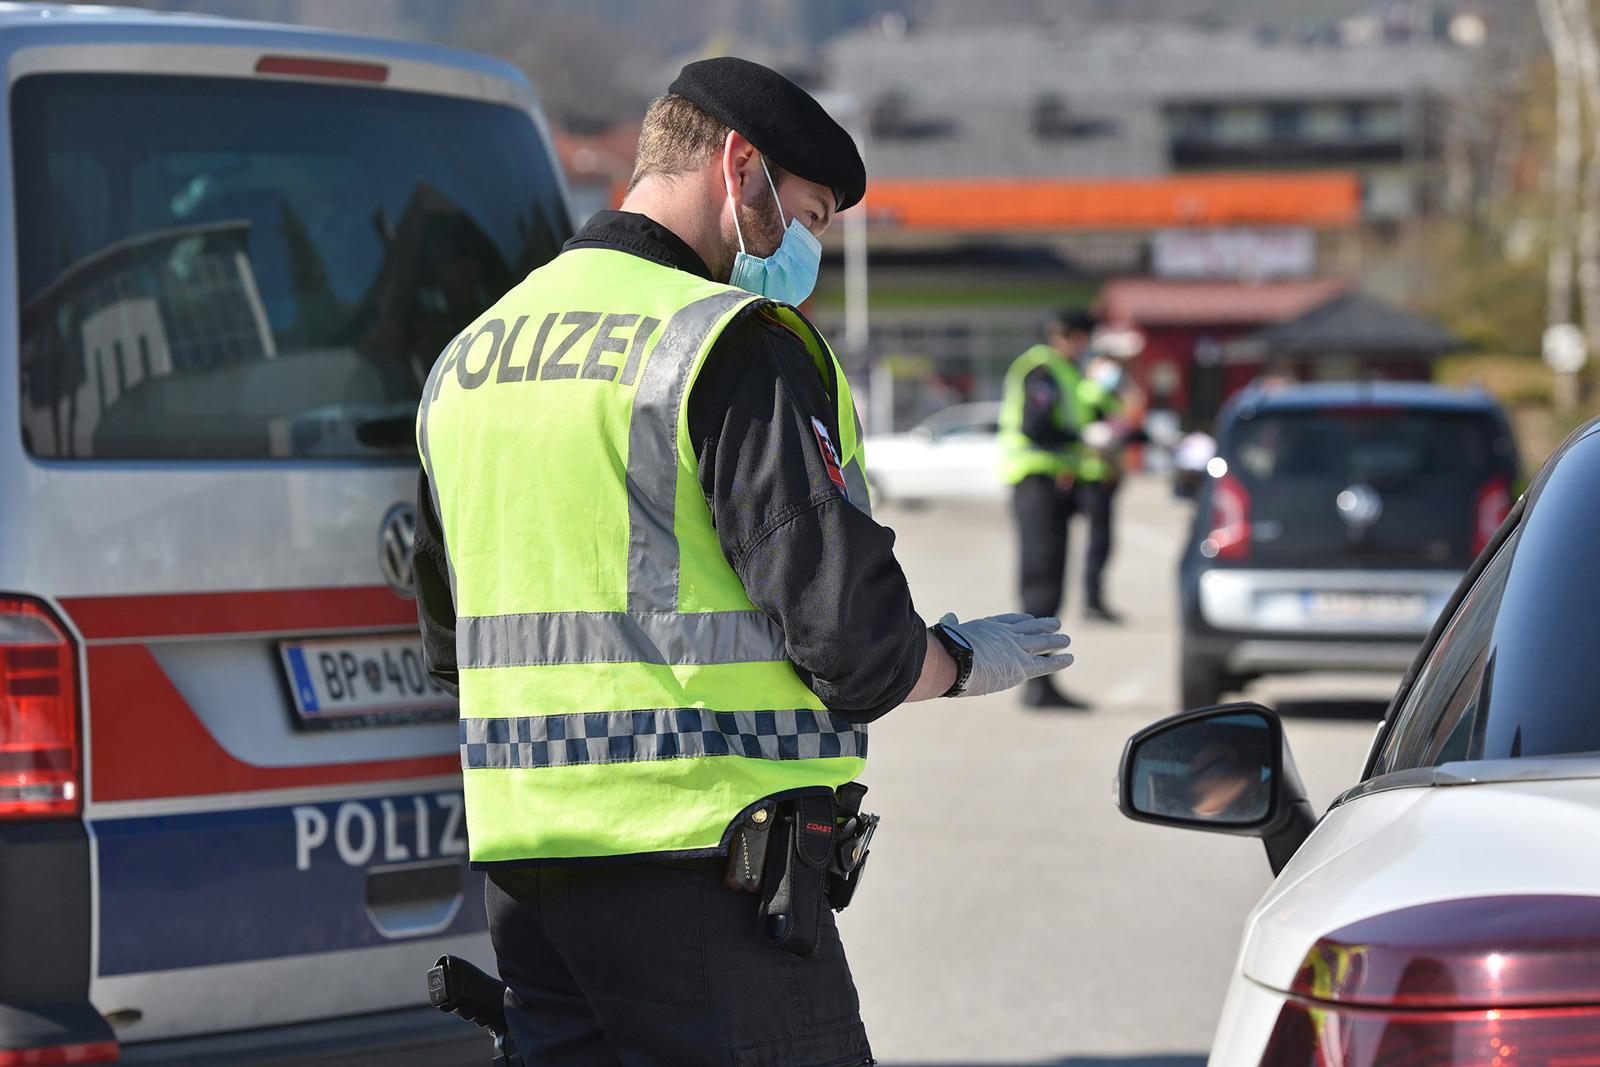 Verkehrskontrollen gehören zur Polizeiroutine